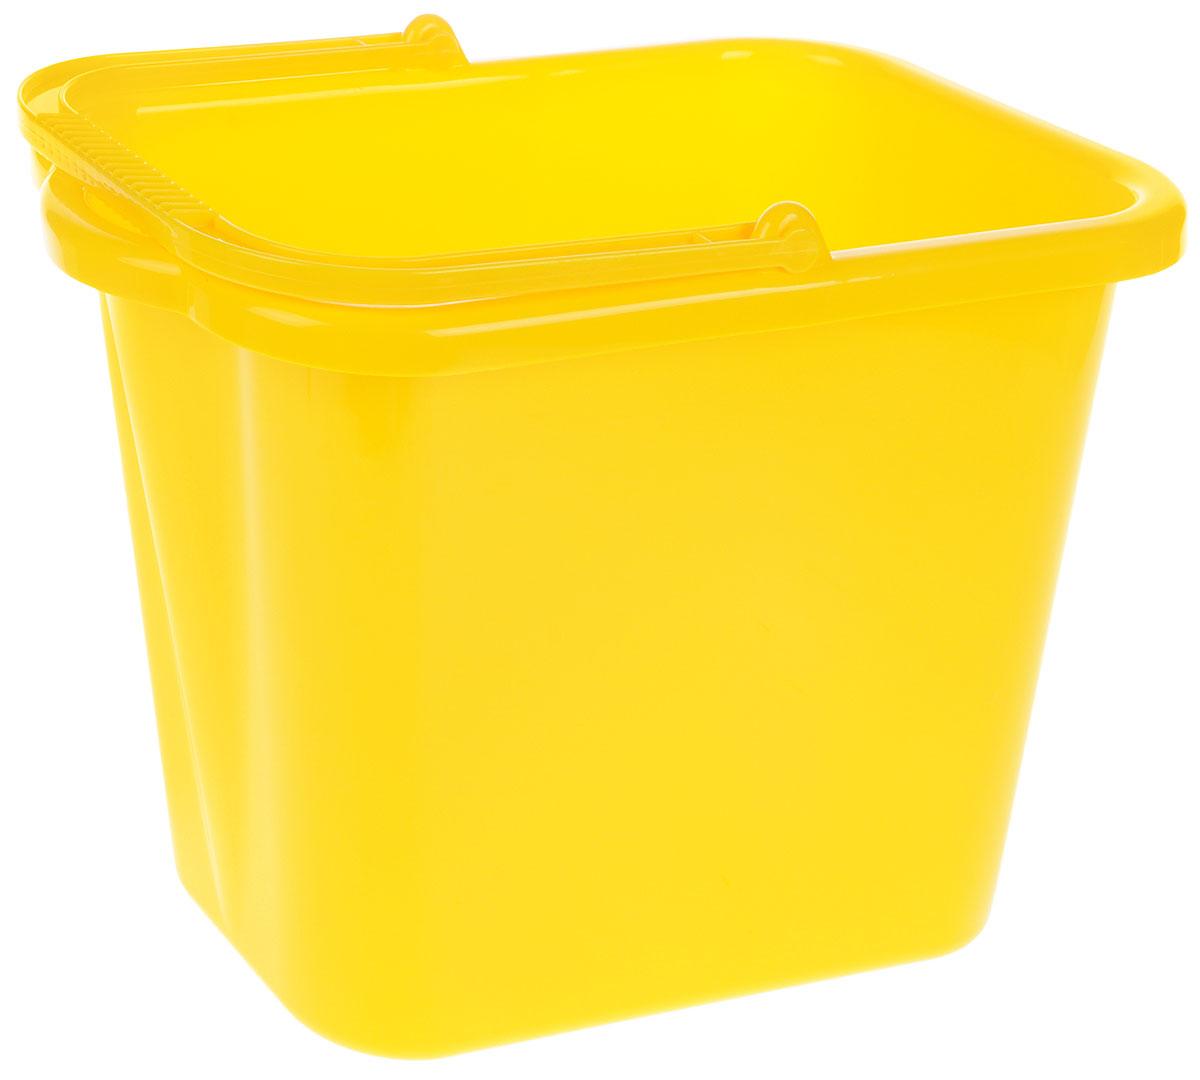 Ведро хозяйственное Idea, прямоугольное, цвет: желтый, 9,5 лМ 2420Прямоугольное ведро Idea изготовлено из прочного пластика. Изделие порадует практичных хозяек. Ведро можно использовать для пищевых продуктов или для мытья полов. Для удобного использования ведро имеет пластиковую ручку и носик для выливания воды. Размер ведра (по верхнему краю): 35 х 21,5 см.Высота: 25 см.